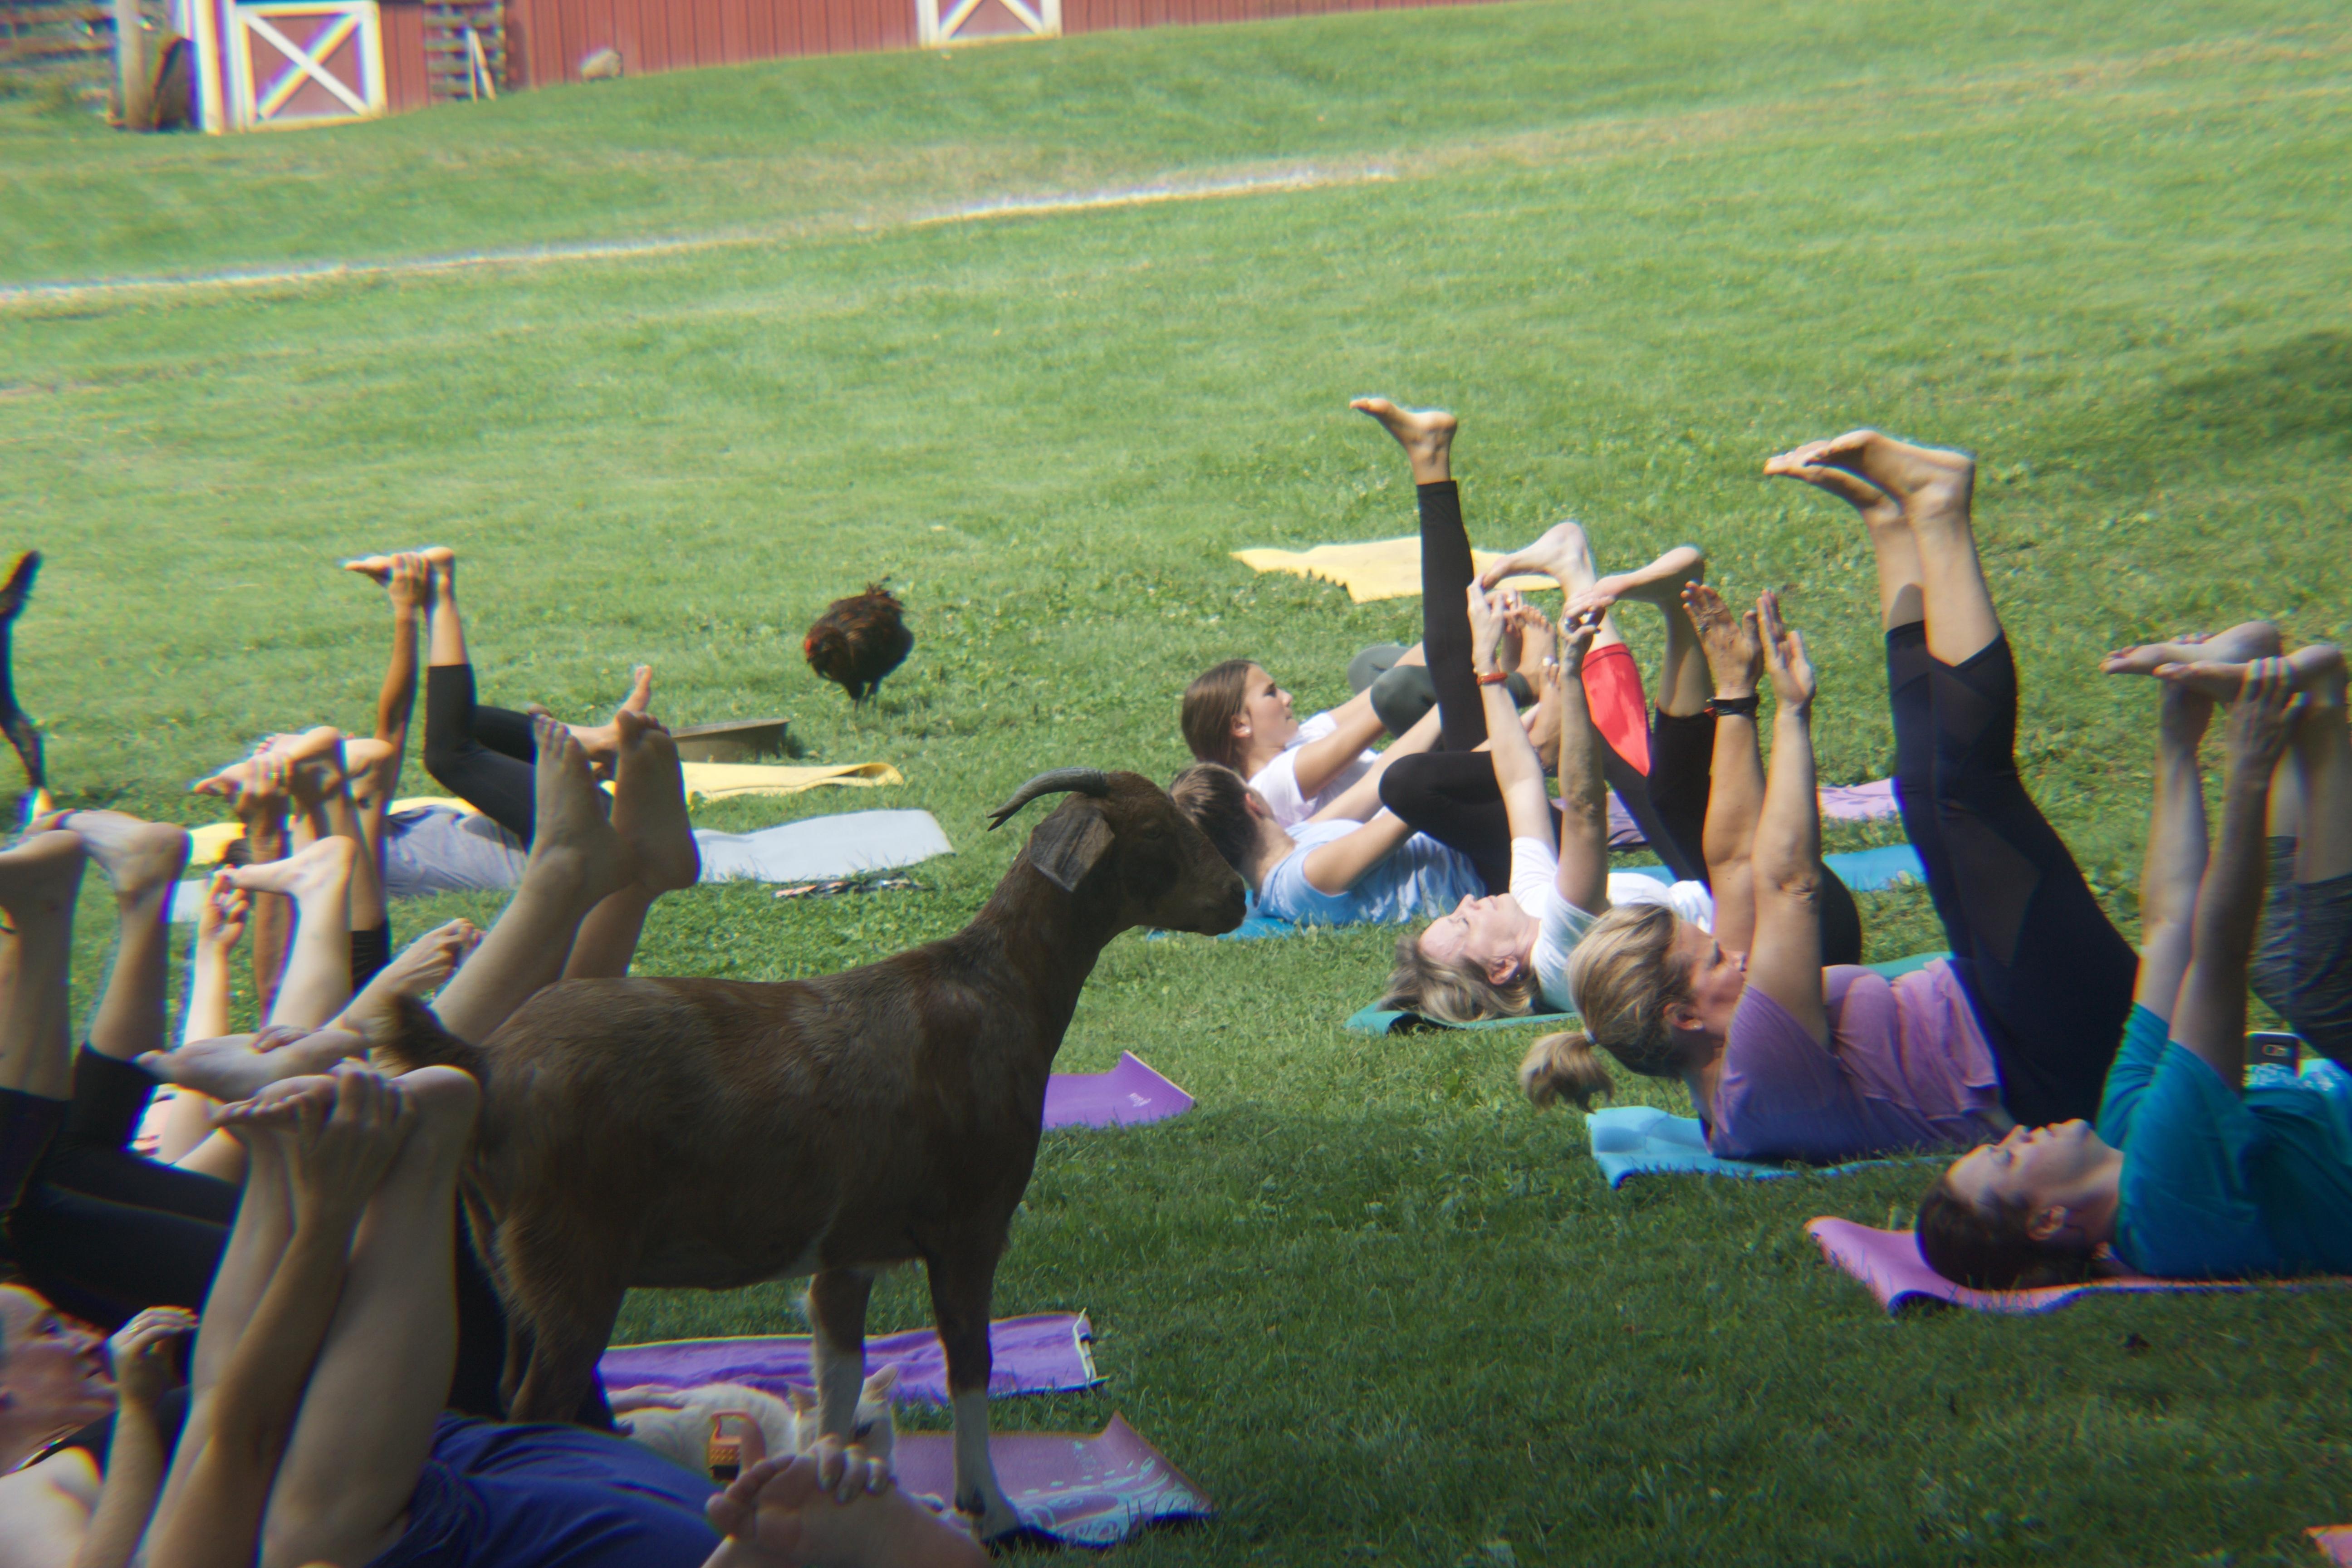 Franklin County farm offers unusual yoga class